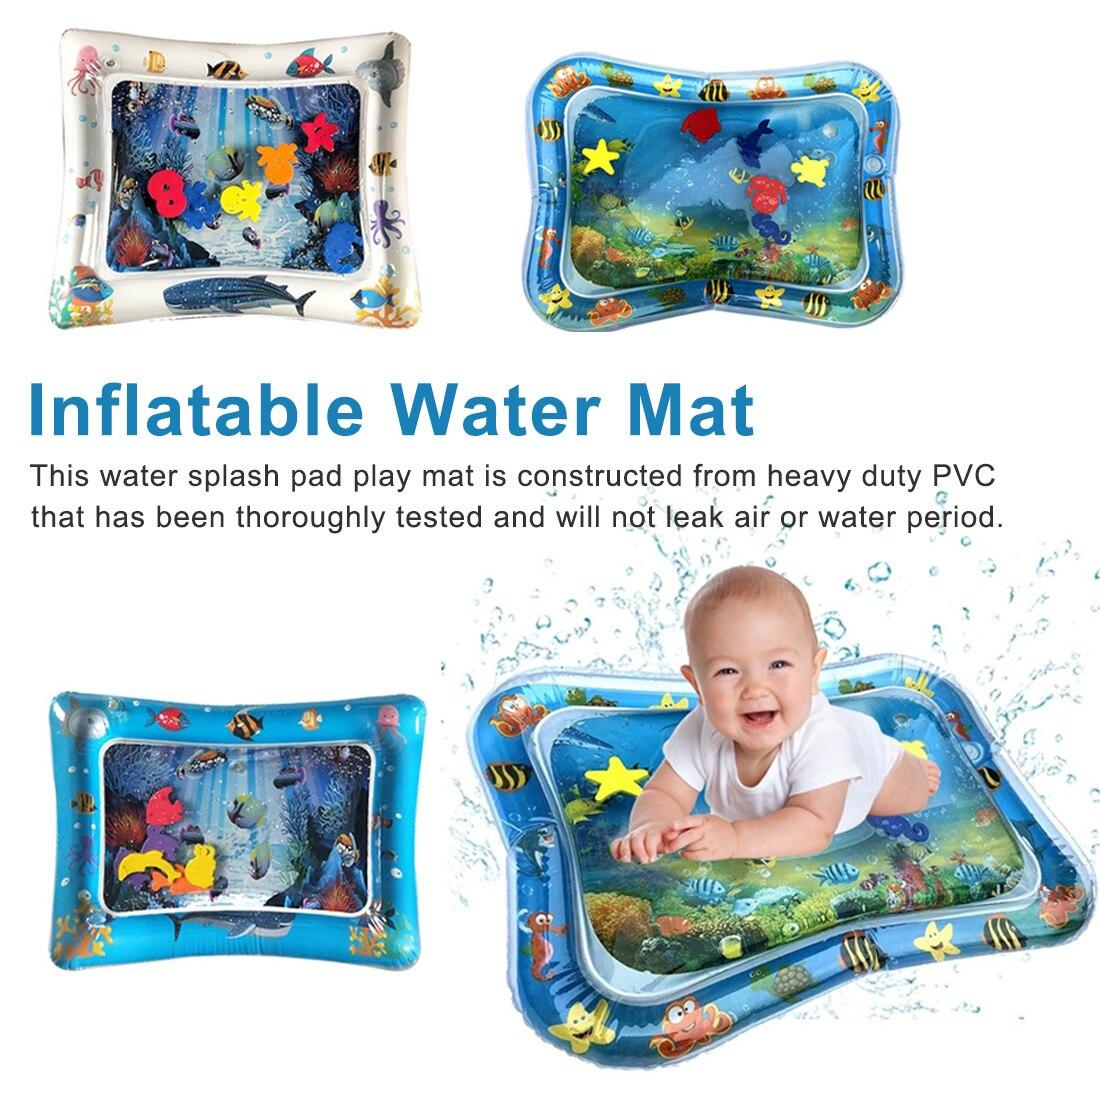 Baby Crawling Water Mat Inflatable Play Pat Play Mat Toddler Pad Newborn Baby Cushion Play Water Cushion Pad Summer Hot Selling